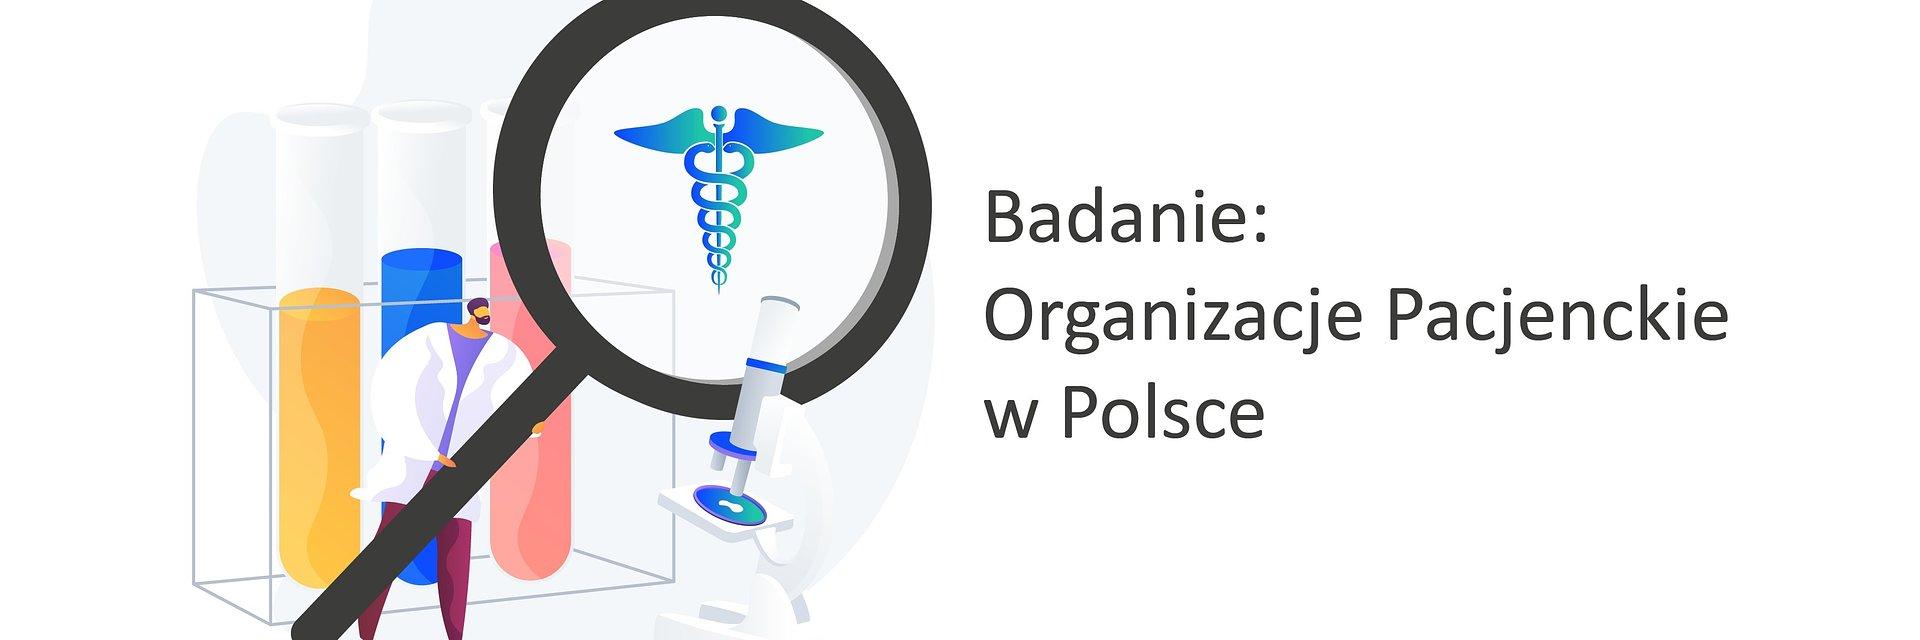 75% Polaków uważa, że organizacje pacjenckie są potrzebne, jednak dwie trzecie respondentów nie potrafi wymienić żadnej z nich, wynika z raportu Instytutu LB Medical.